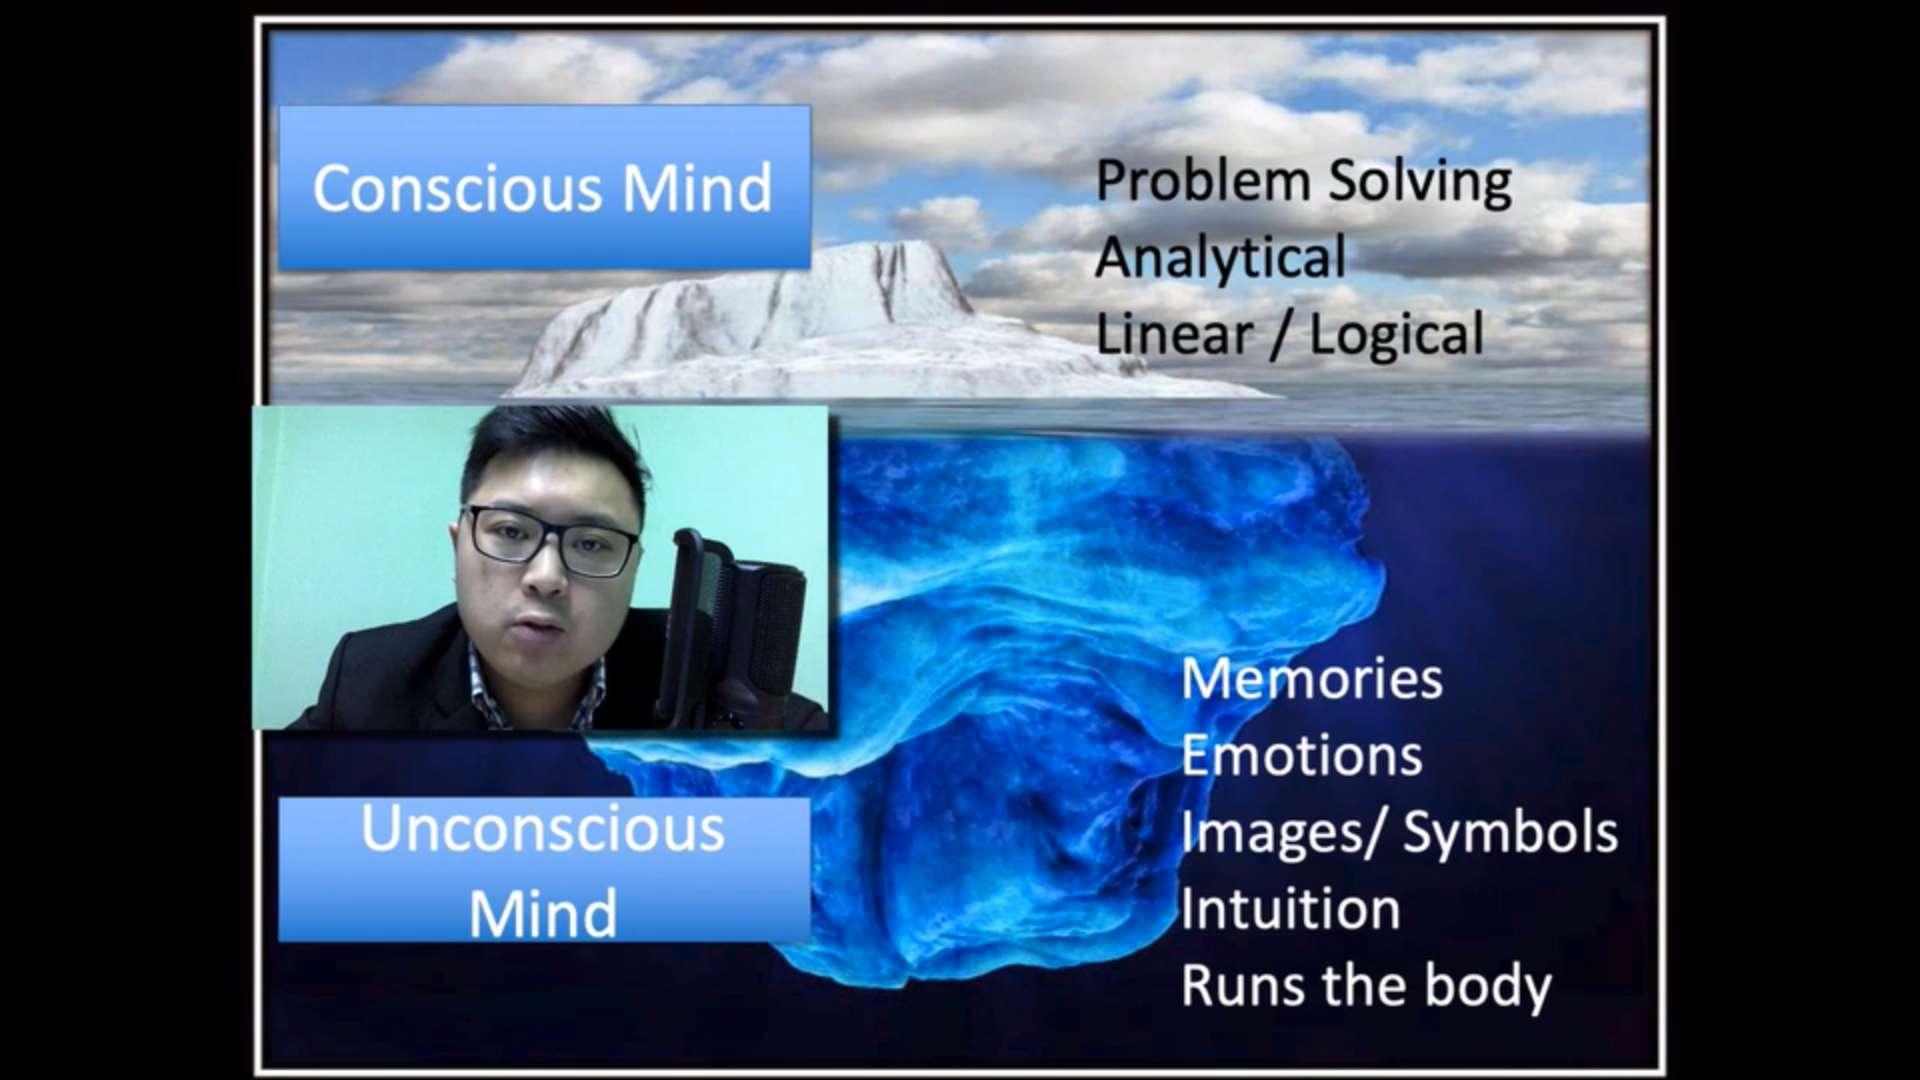 3. Conscious Vs Unconscious Mind